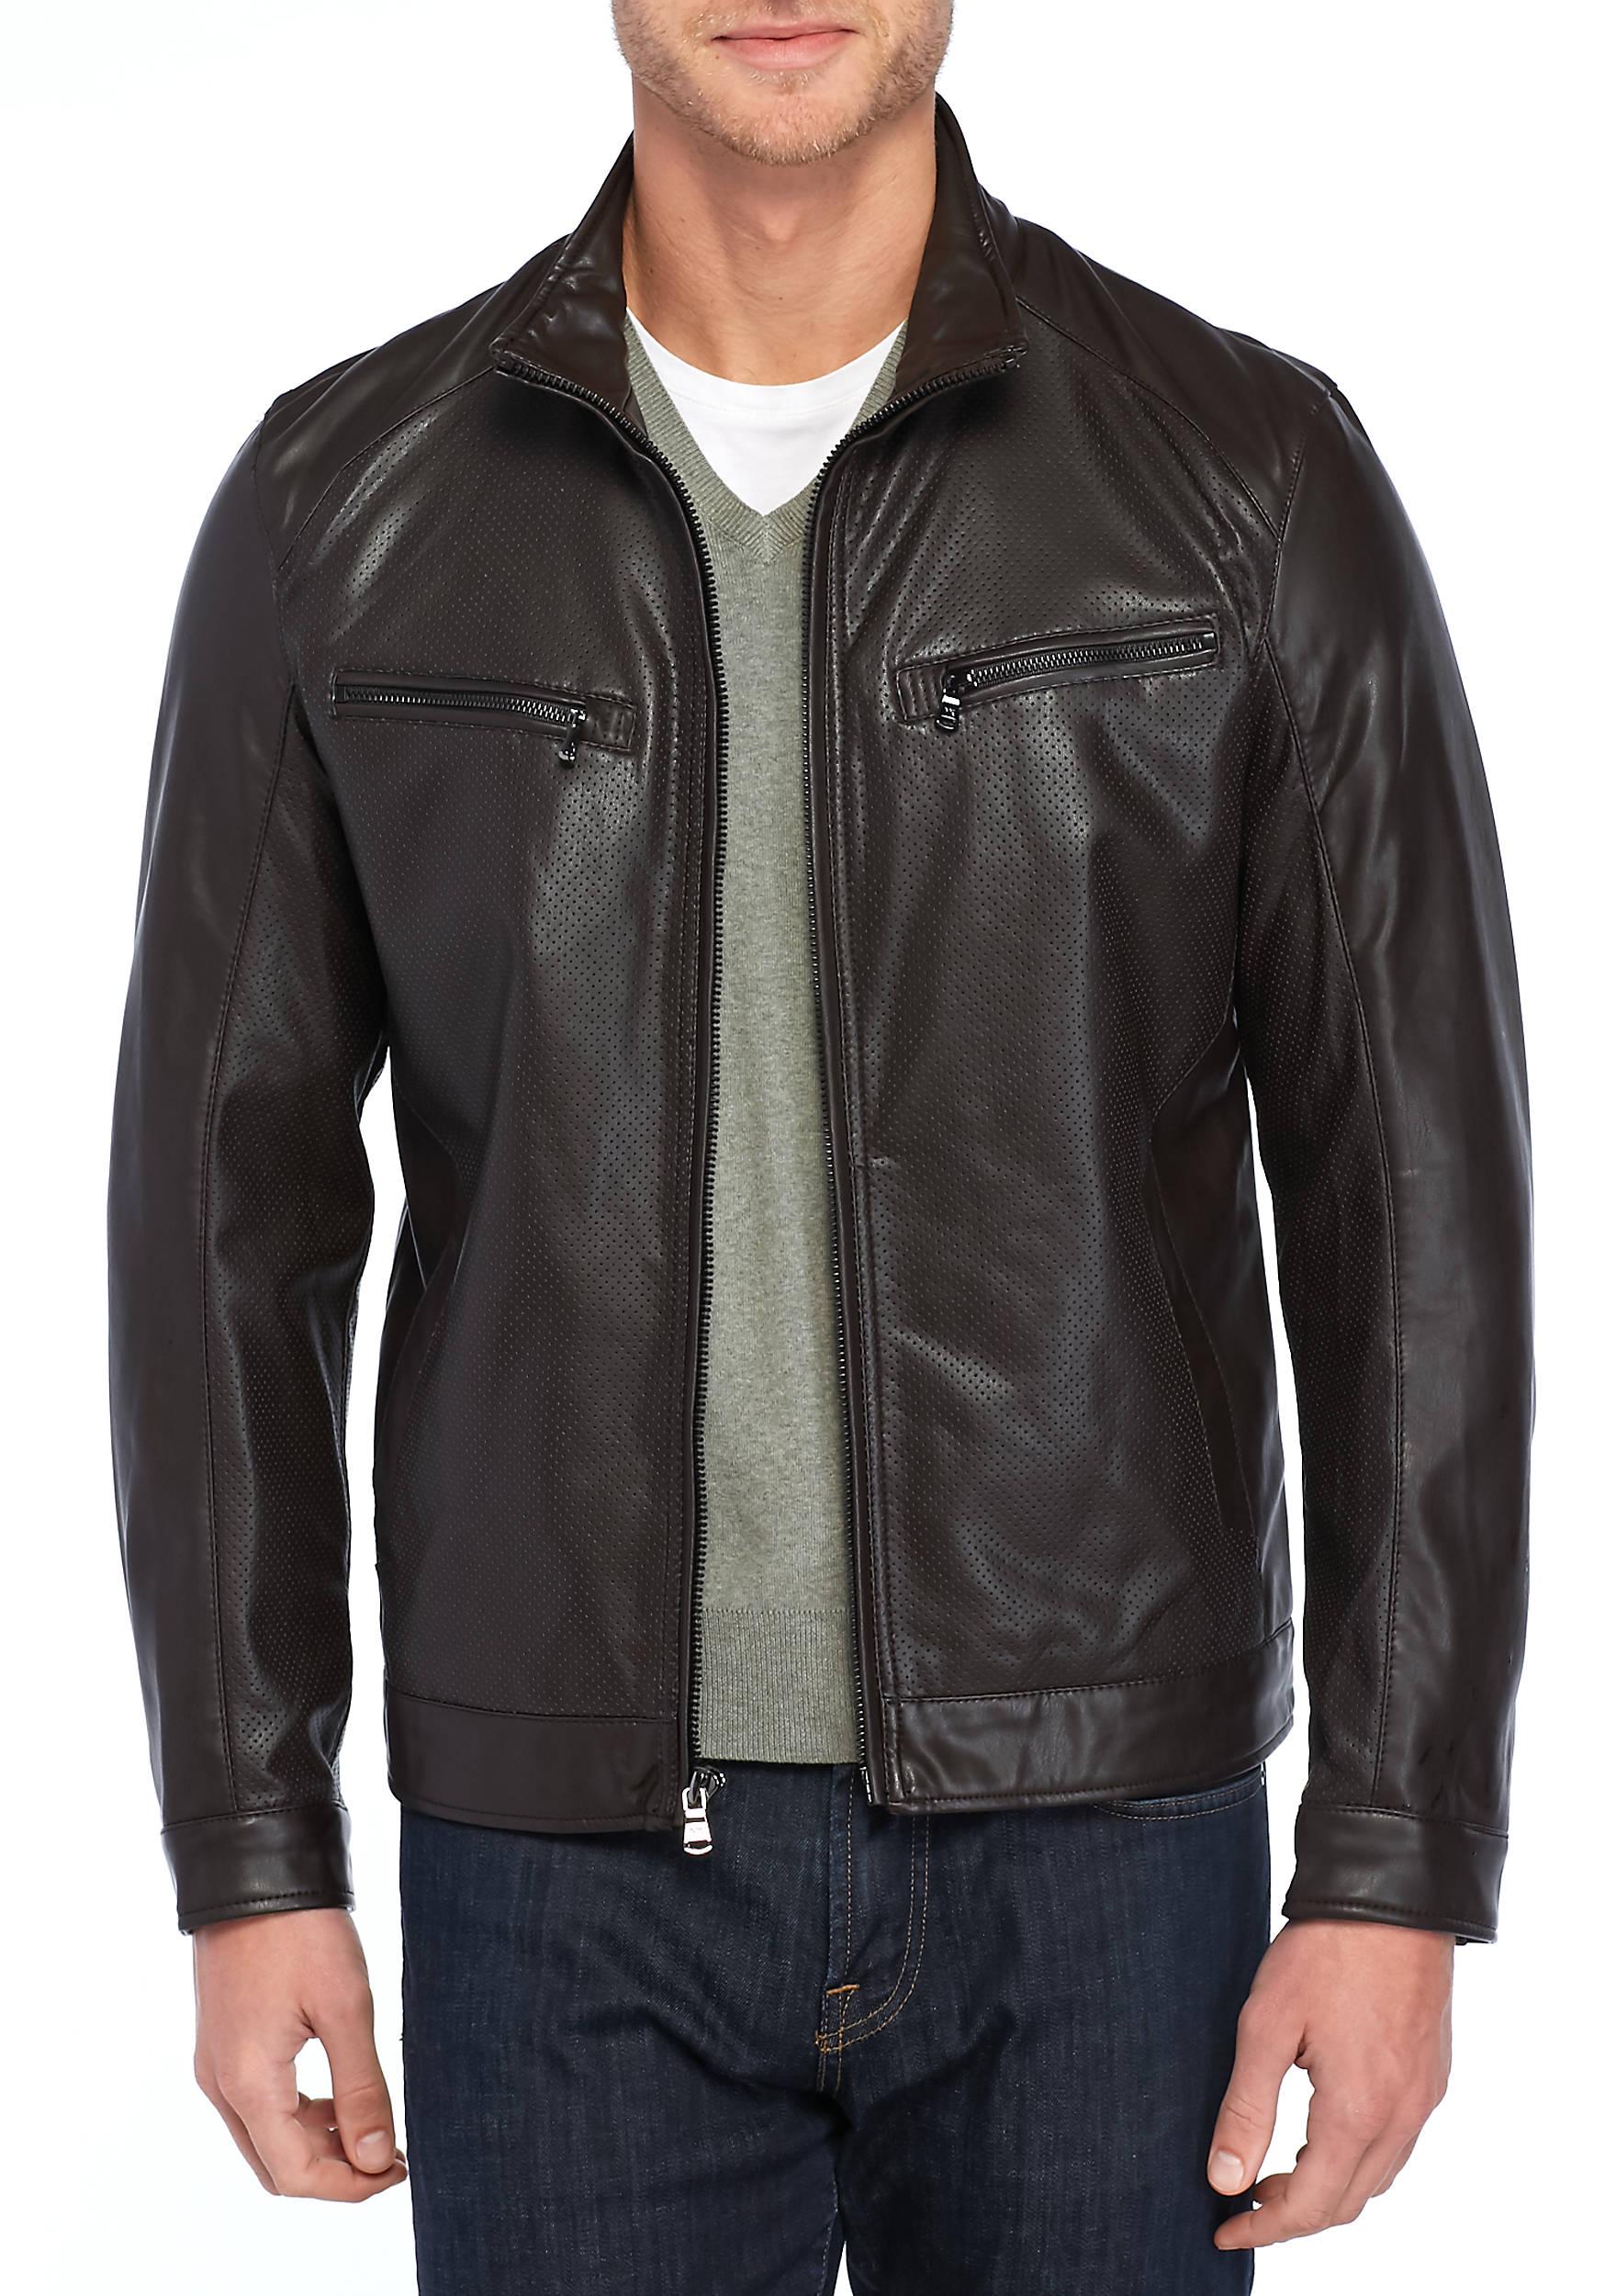 Men's Jackets & Coats | belk